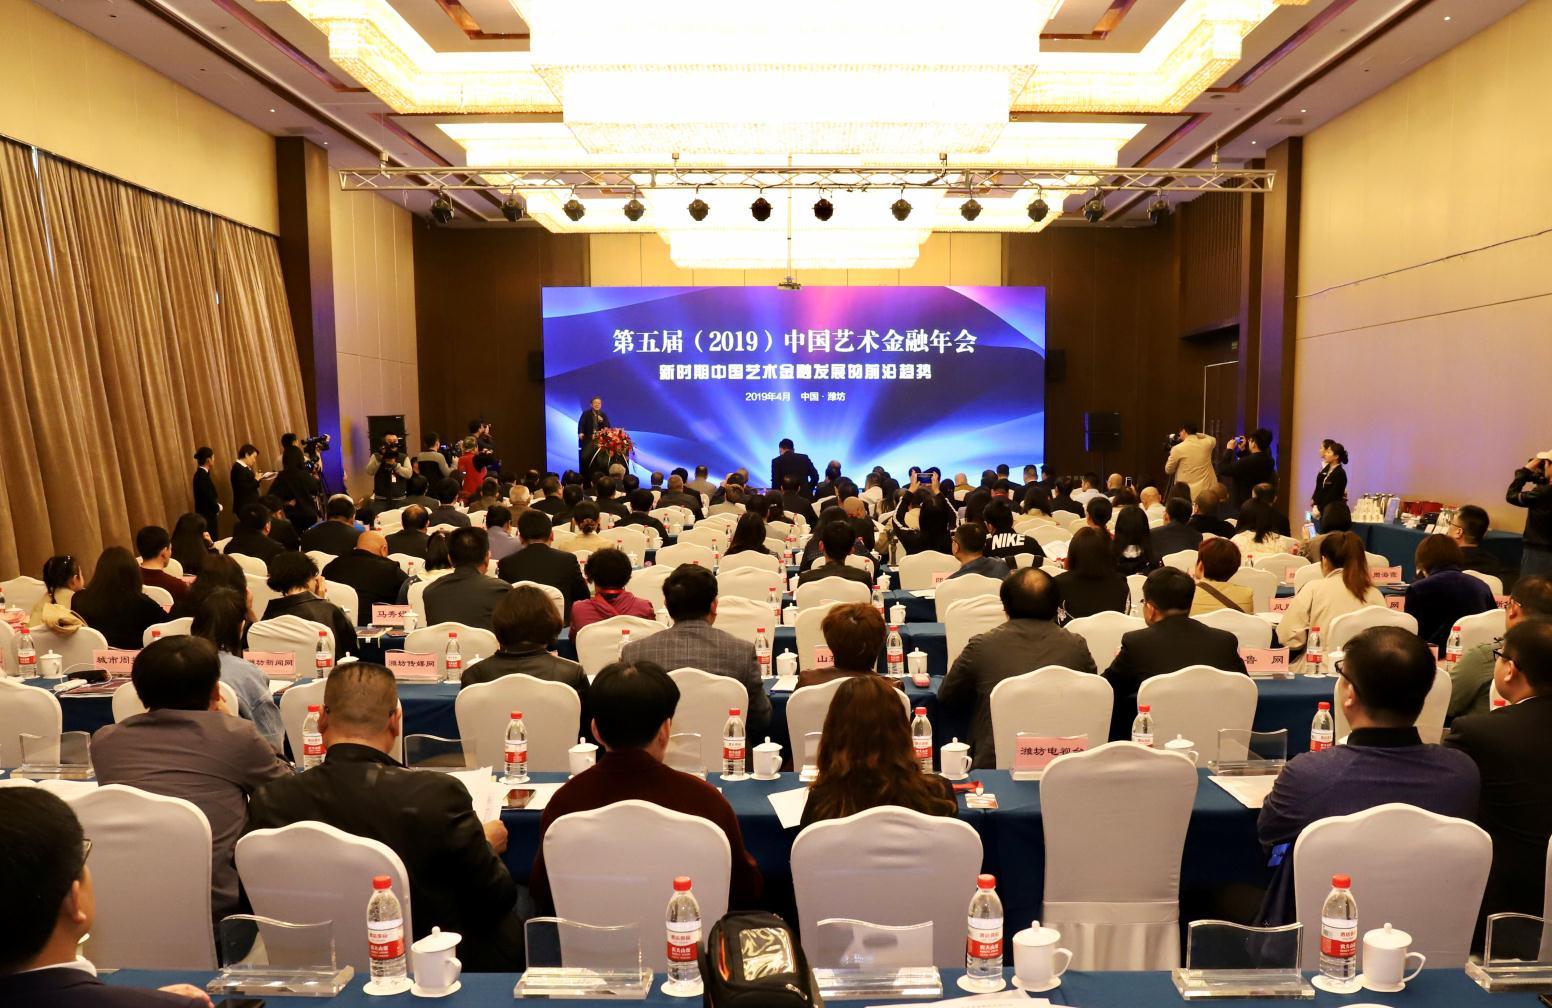 第五届(2019)中国艺术金融年会在潍坊召开